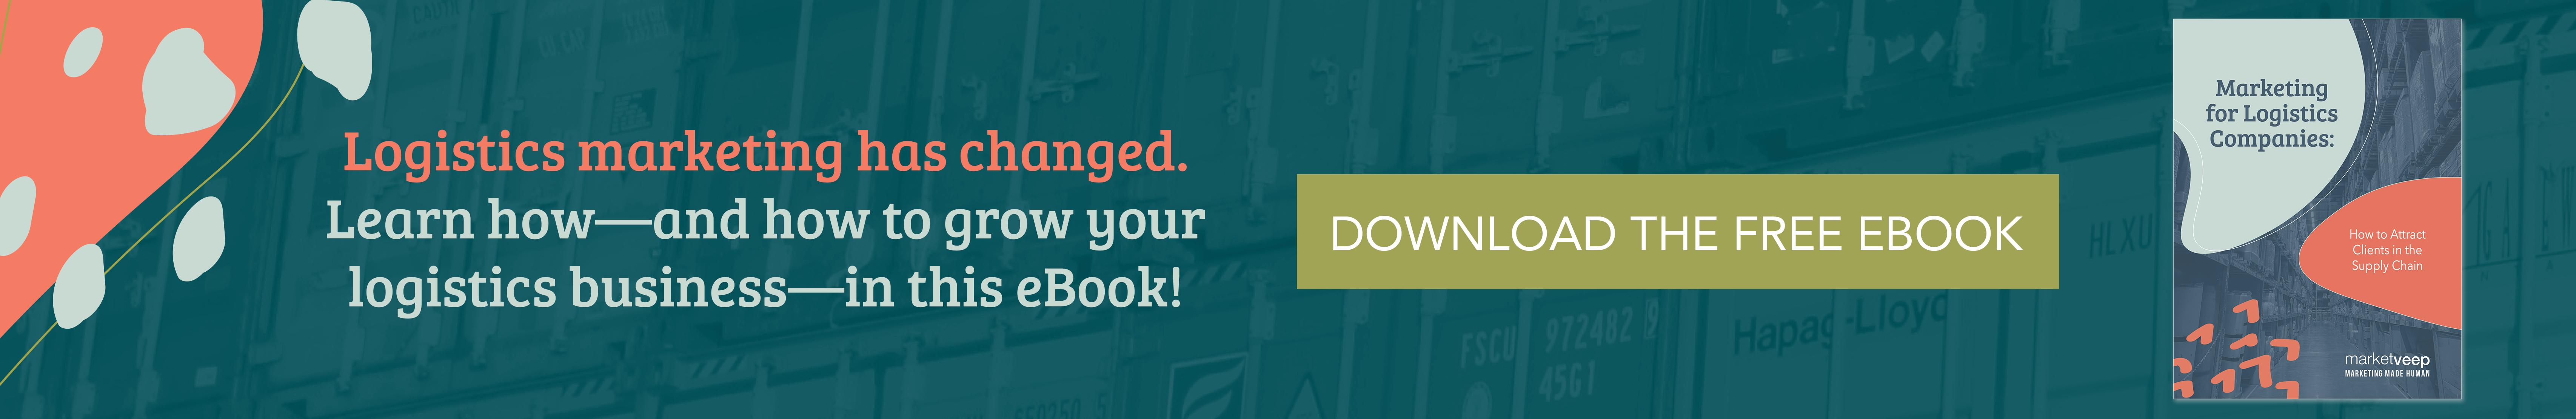 Logistics ebook